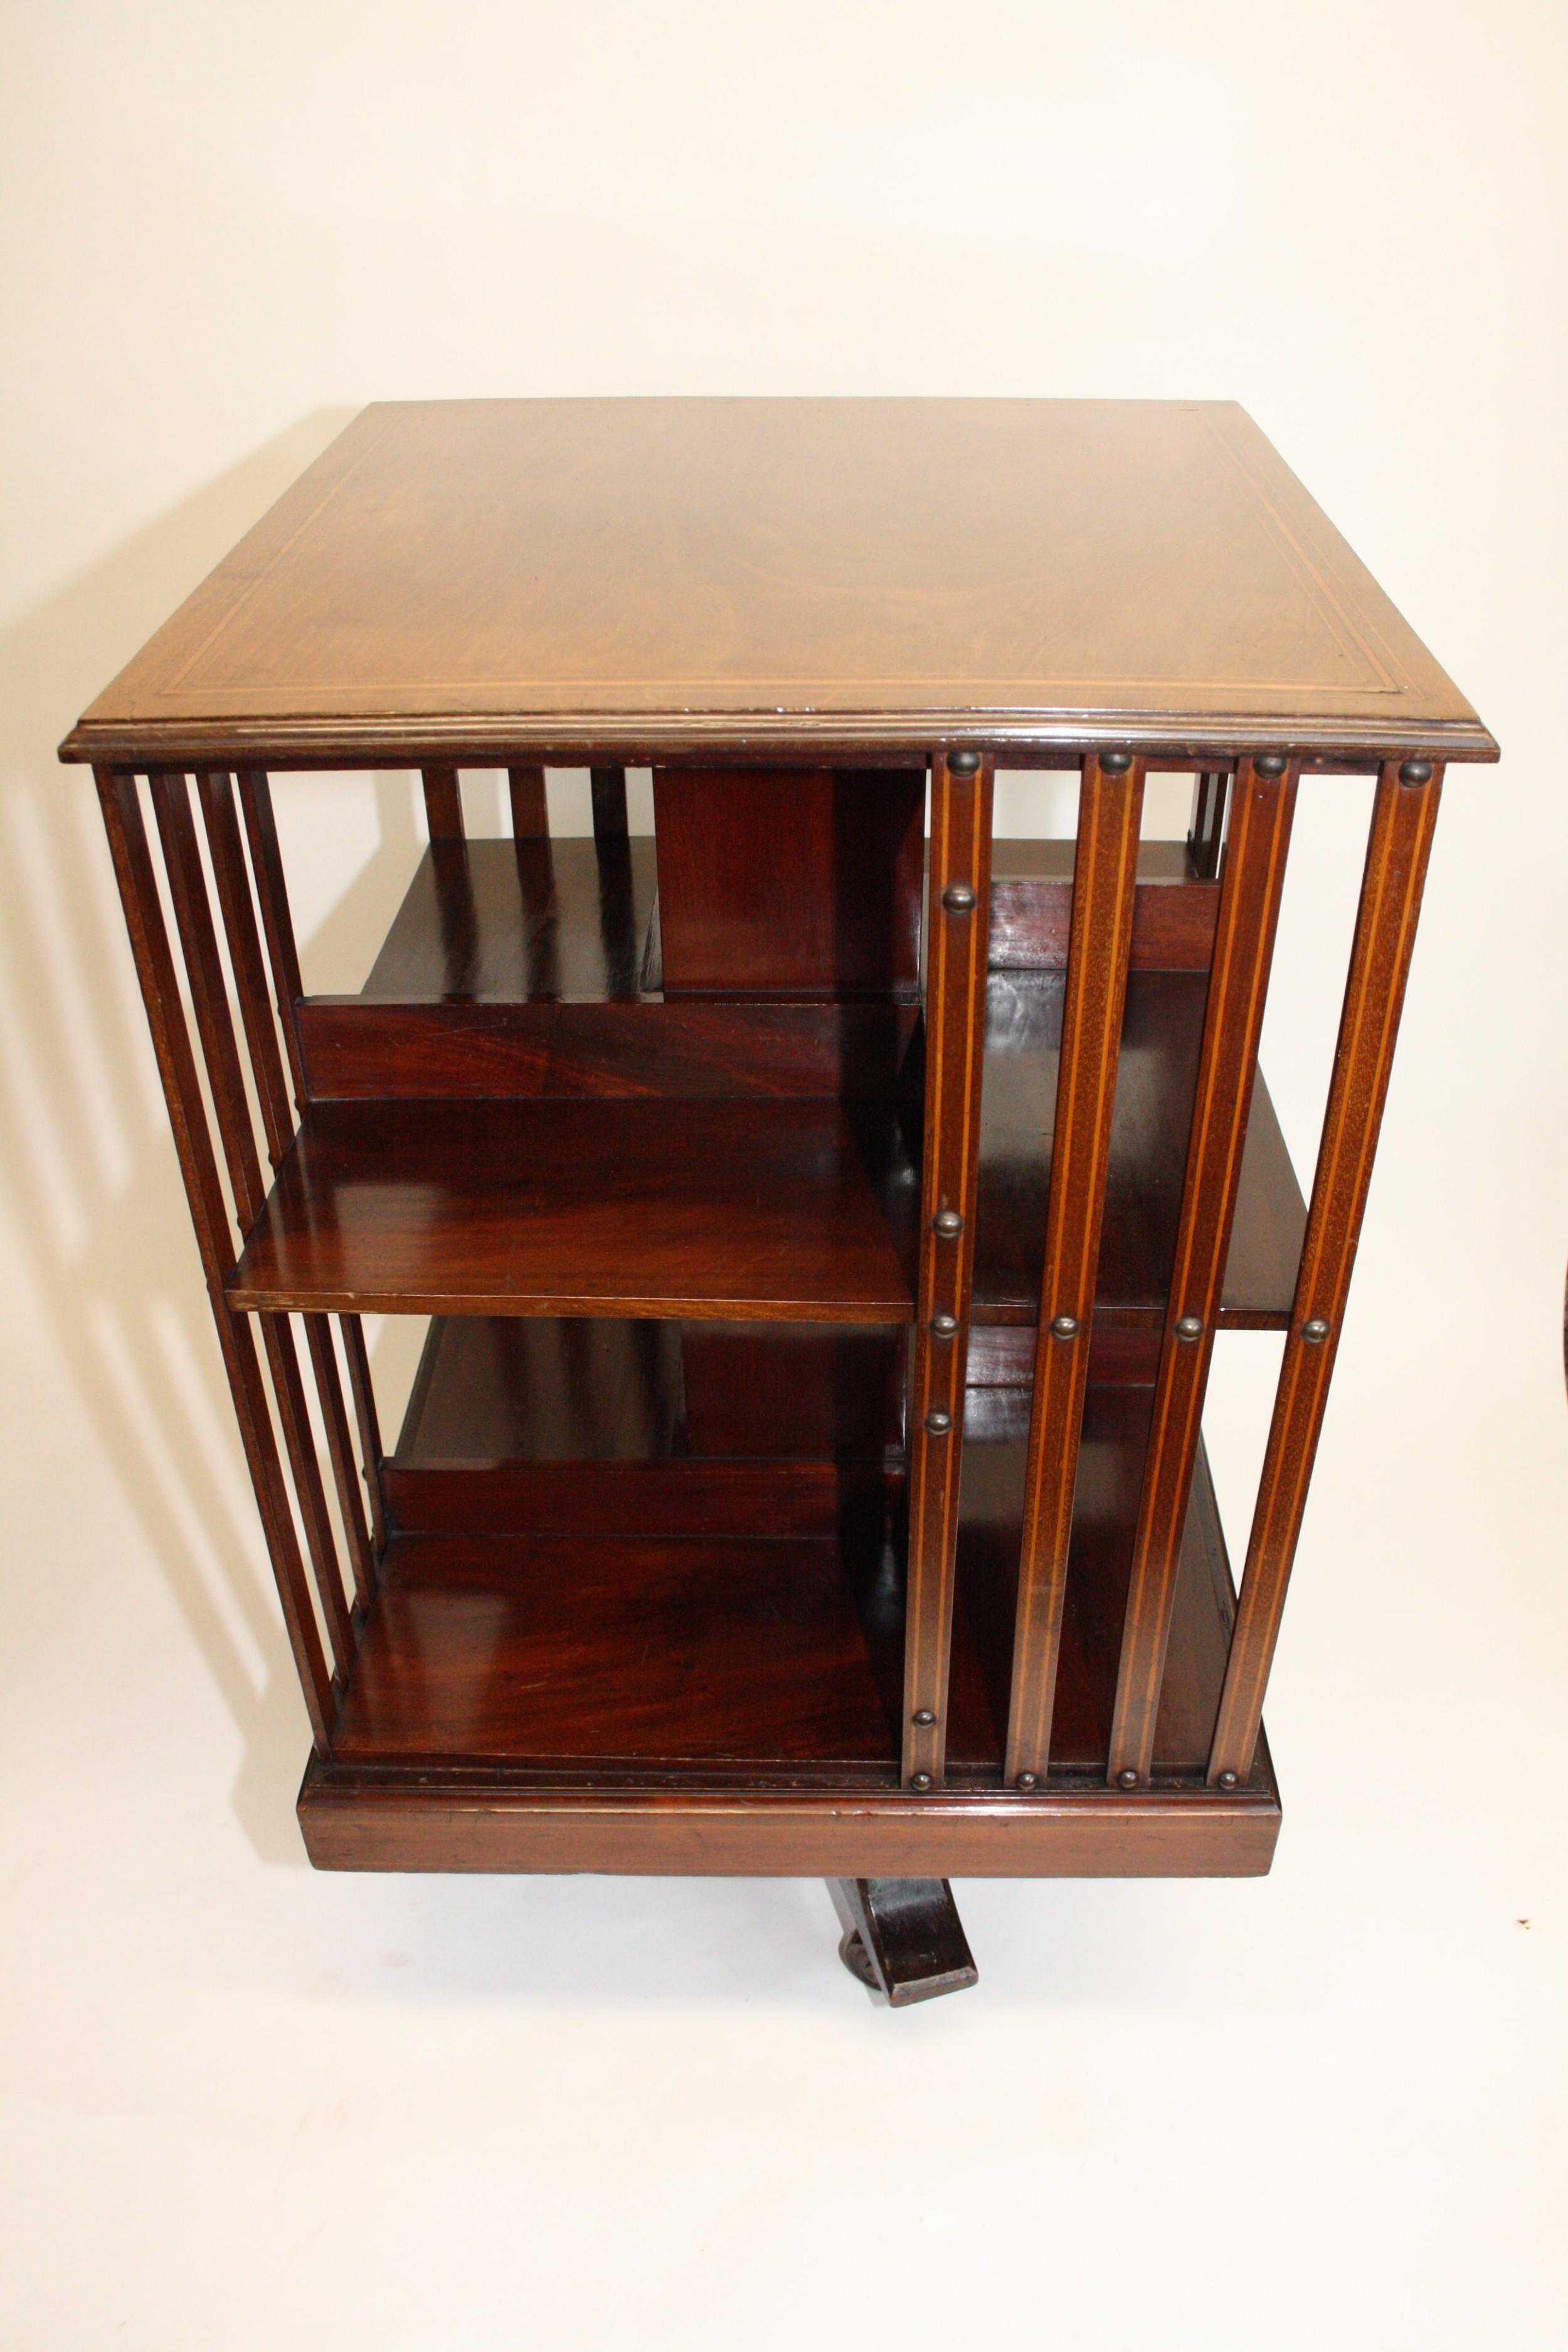 19th century mahogany revolving bookcase